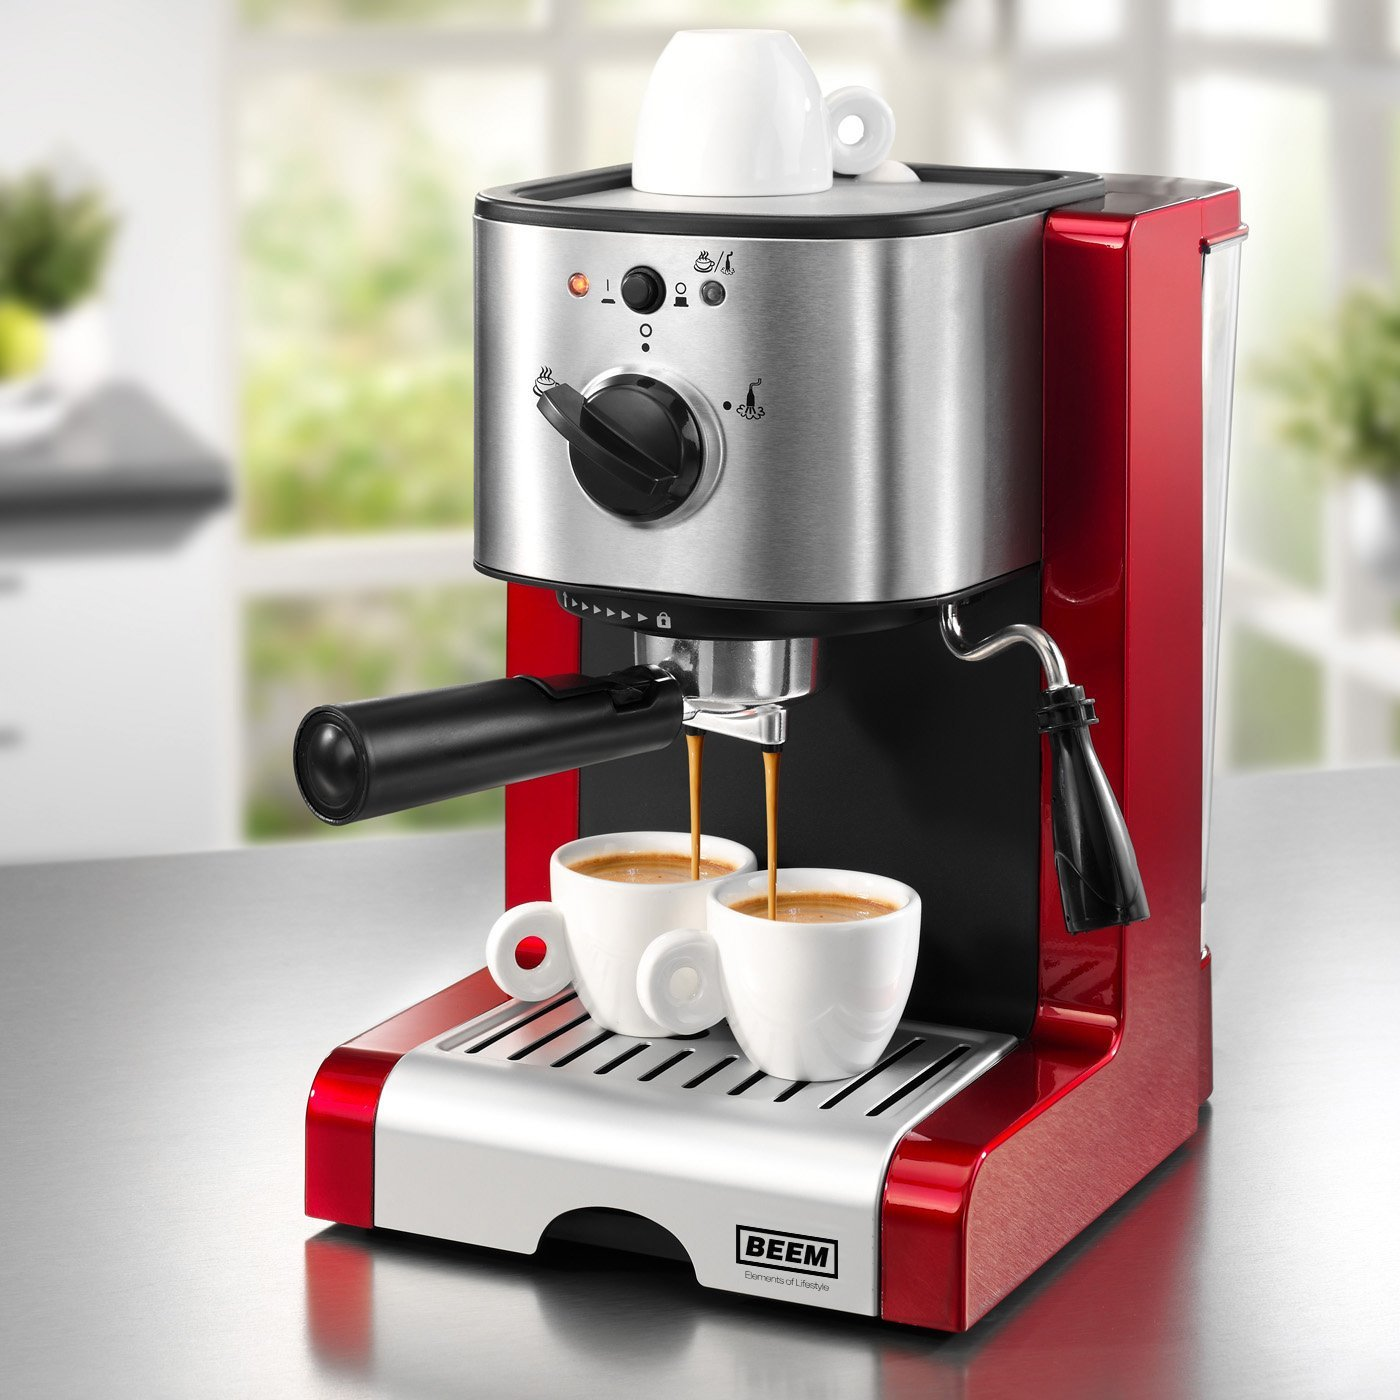 Beem espresso perfect crema plus en an lisis y online en - Mejor cafetera express para casa ...